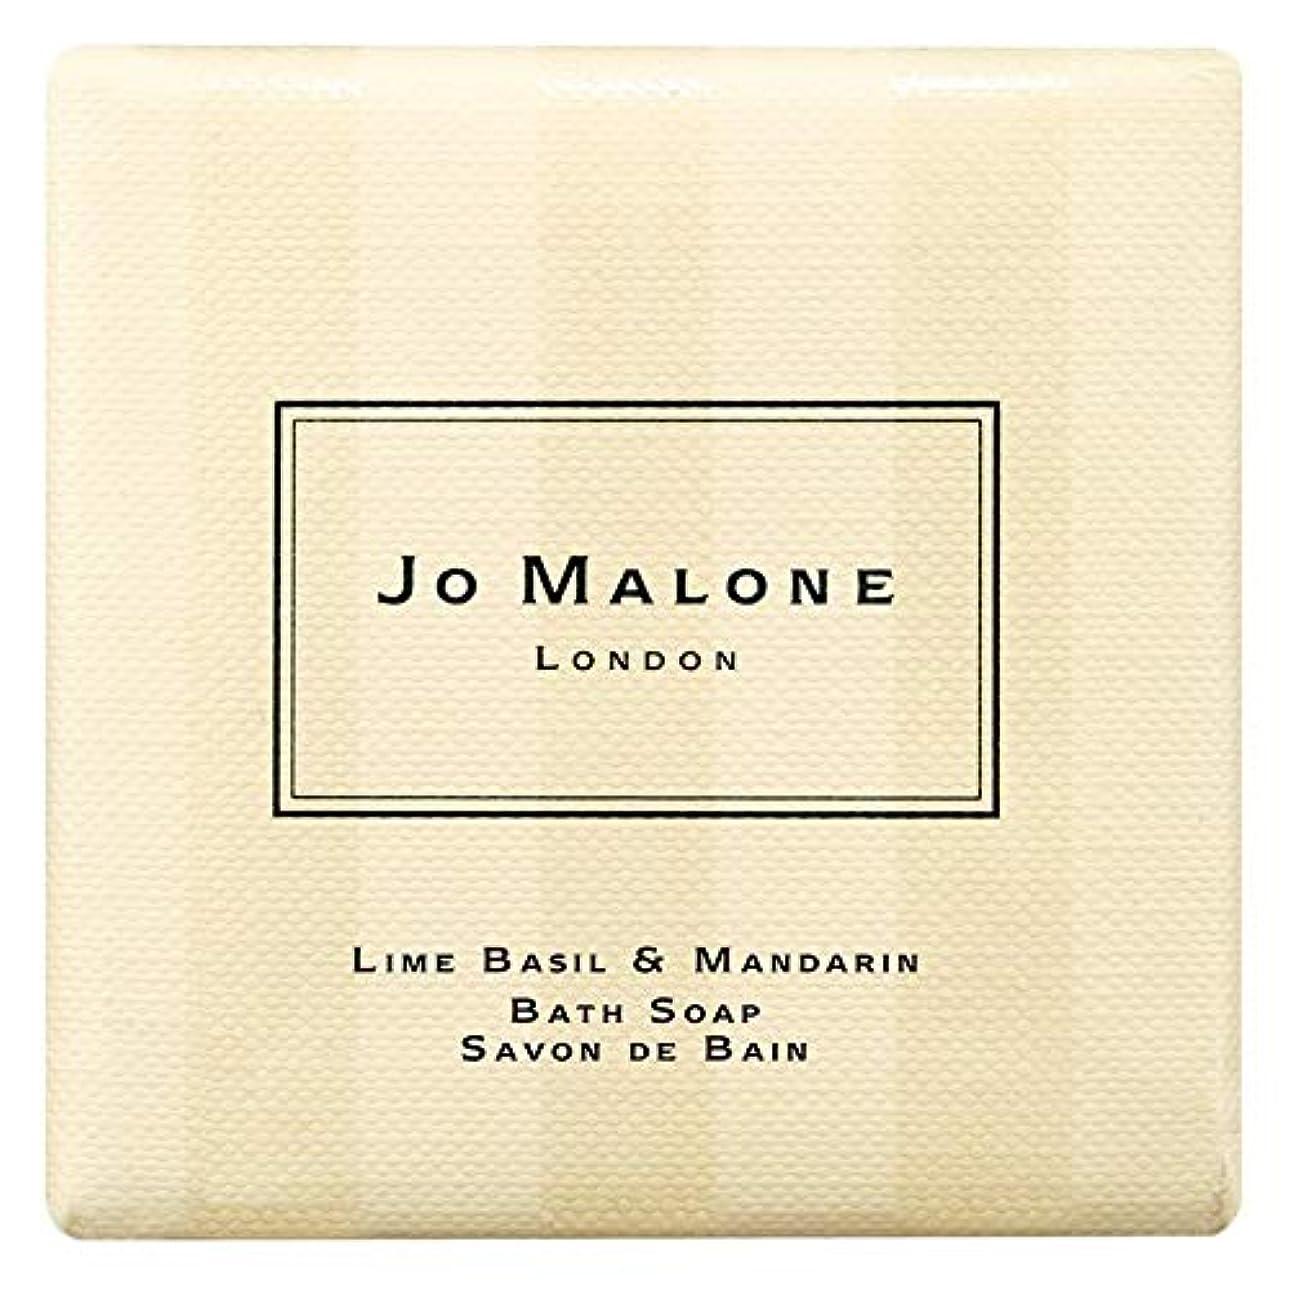 幽霊どうやって不確実[Jo Malone] ジョーマローンロンドンライムバジル&マンダリンお風呂の石鹸100グラム - Jo Malone London Lime Basil & Mandarin Bath Soap 100g [並行輸入品]